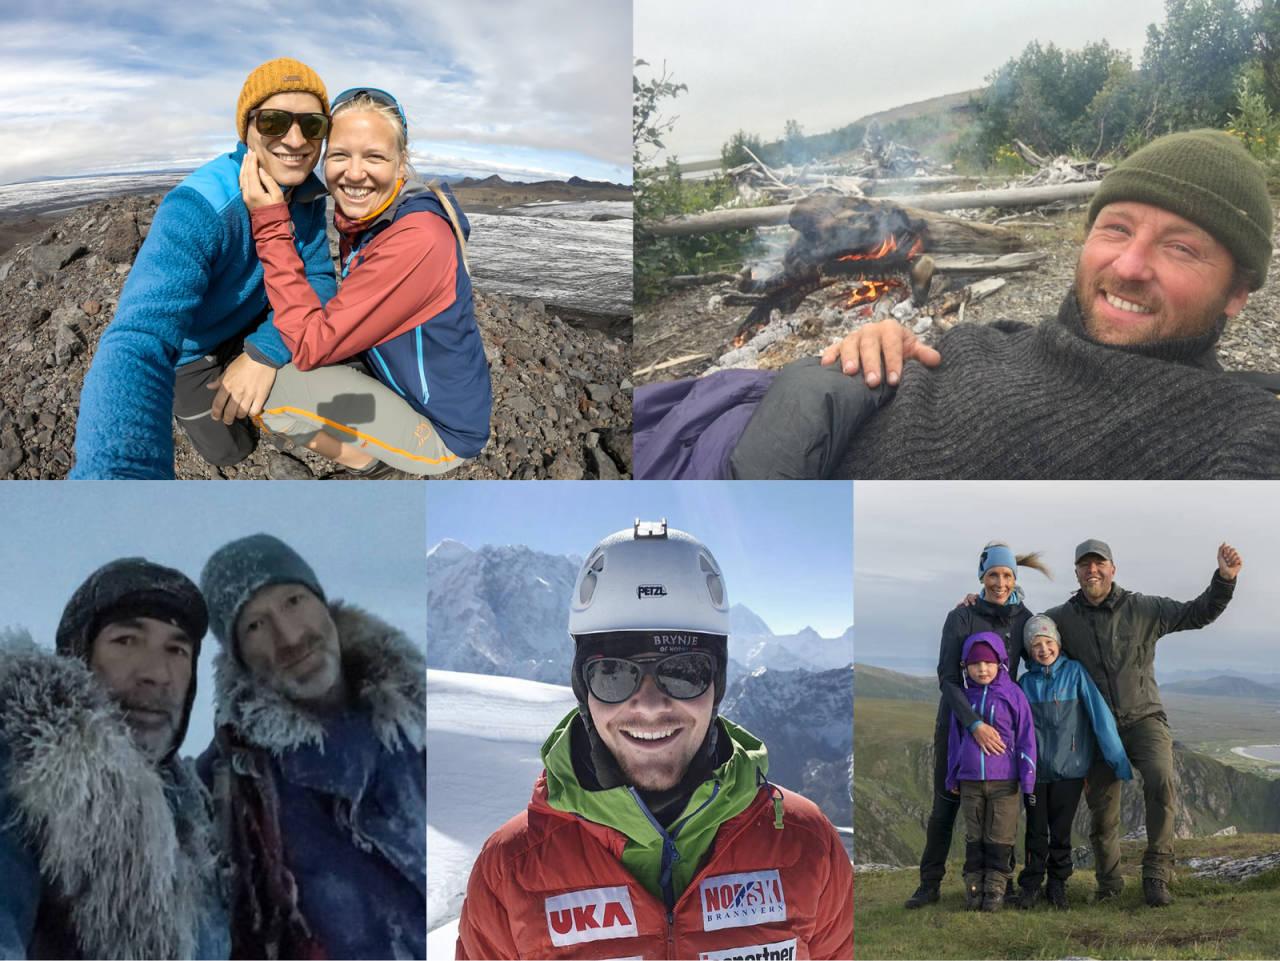 FINALISTENE I ÅRETS EVENTYRER: Even Augedal og Kristina Lund Leivestad, Kjartan Bergsvåg, Børge Ousland og MIke Horn, Thomas Lone og Villmarksfamilien